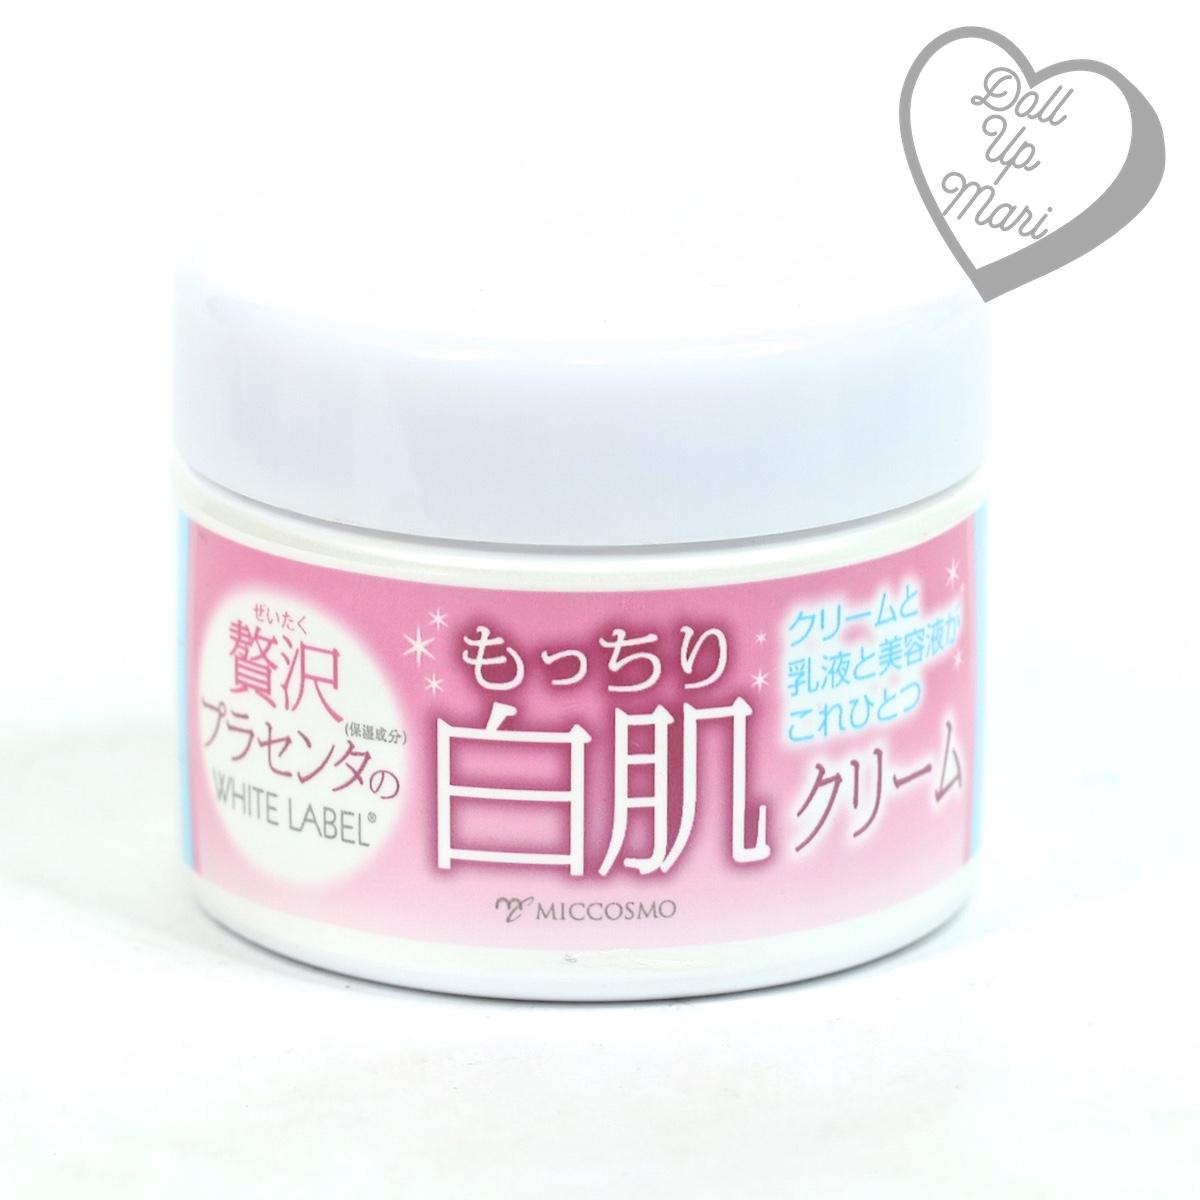 pack shot of Miccosmo White Label Premium Placenta Cream